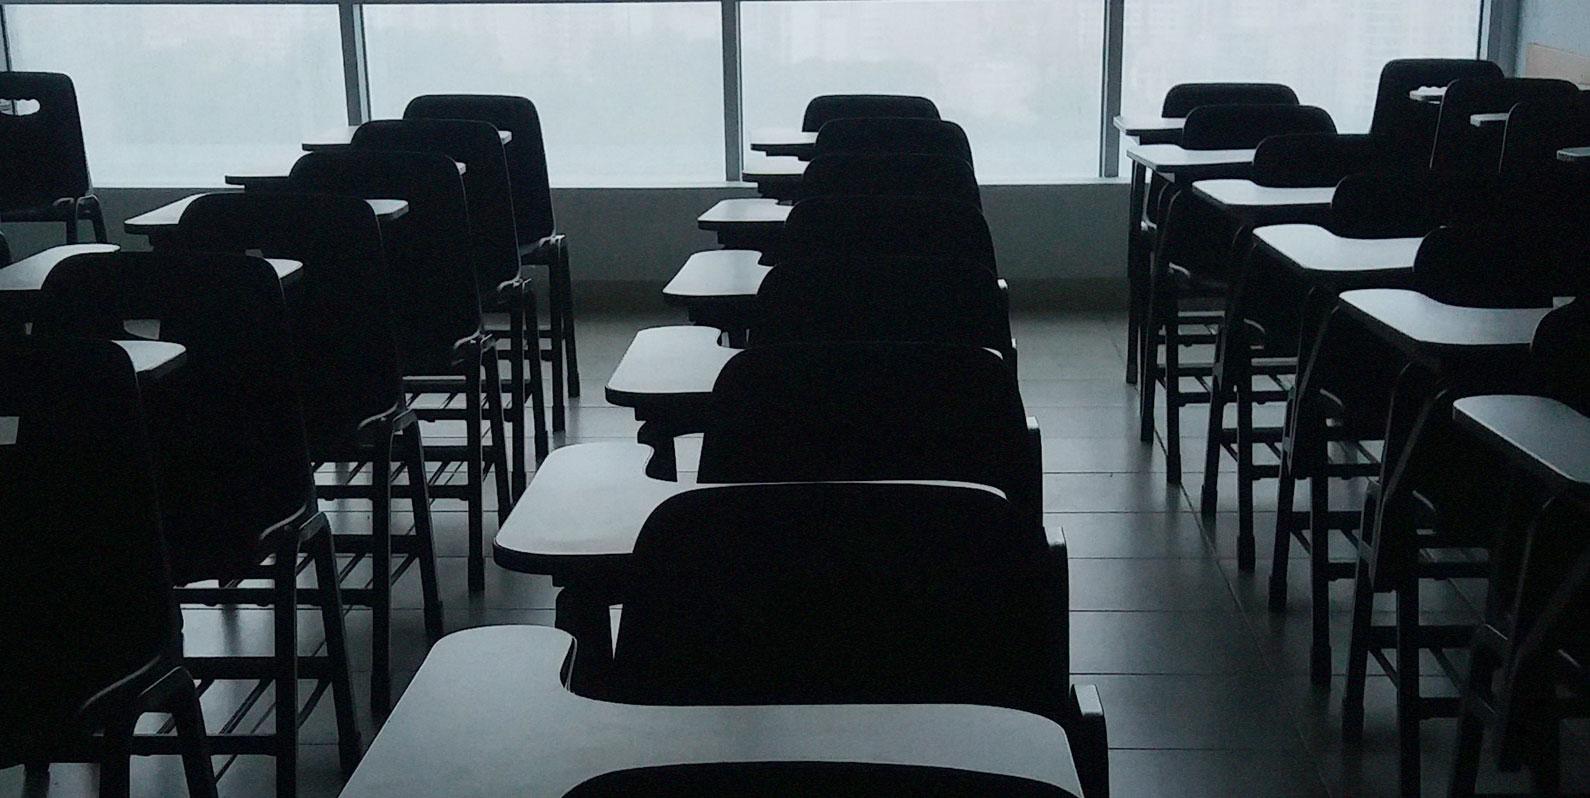 A corrida pela transformação do mercado educacional finalmente começou